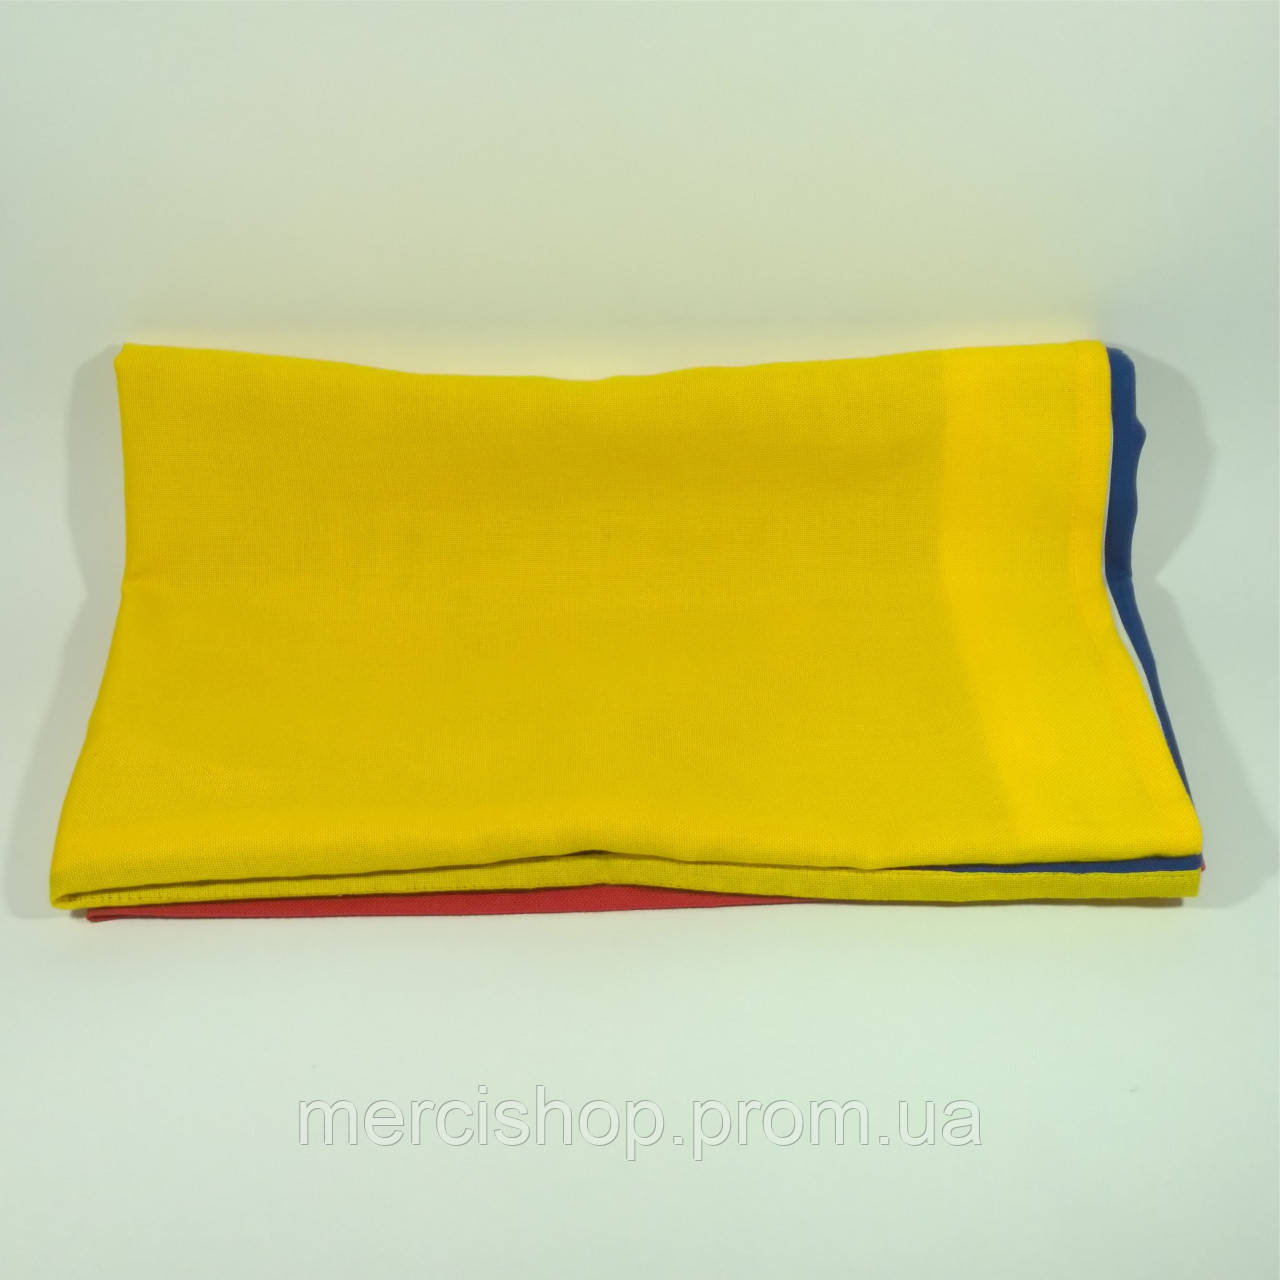 Флаг Колумбии - (1м*1.5м)